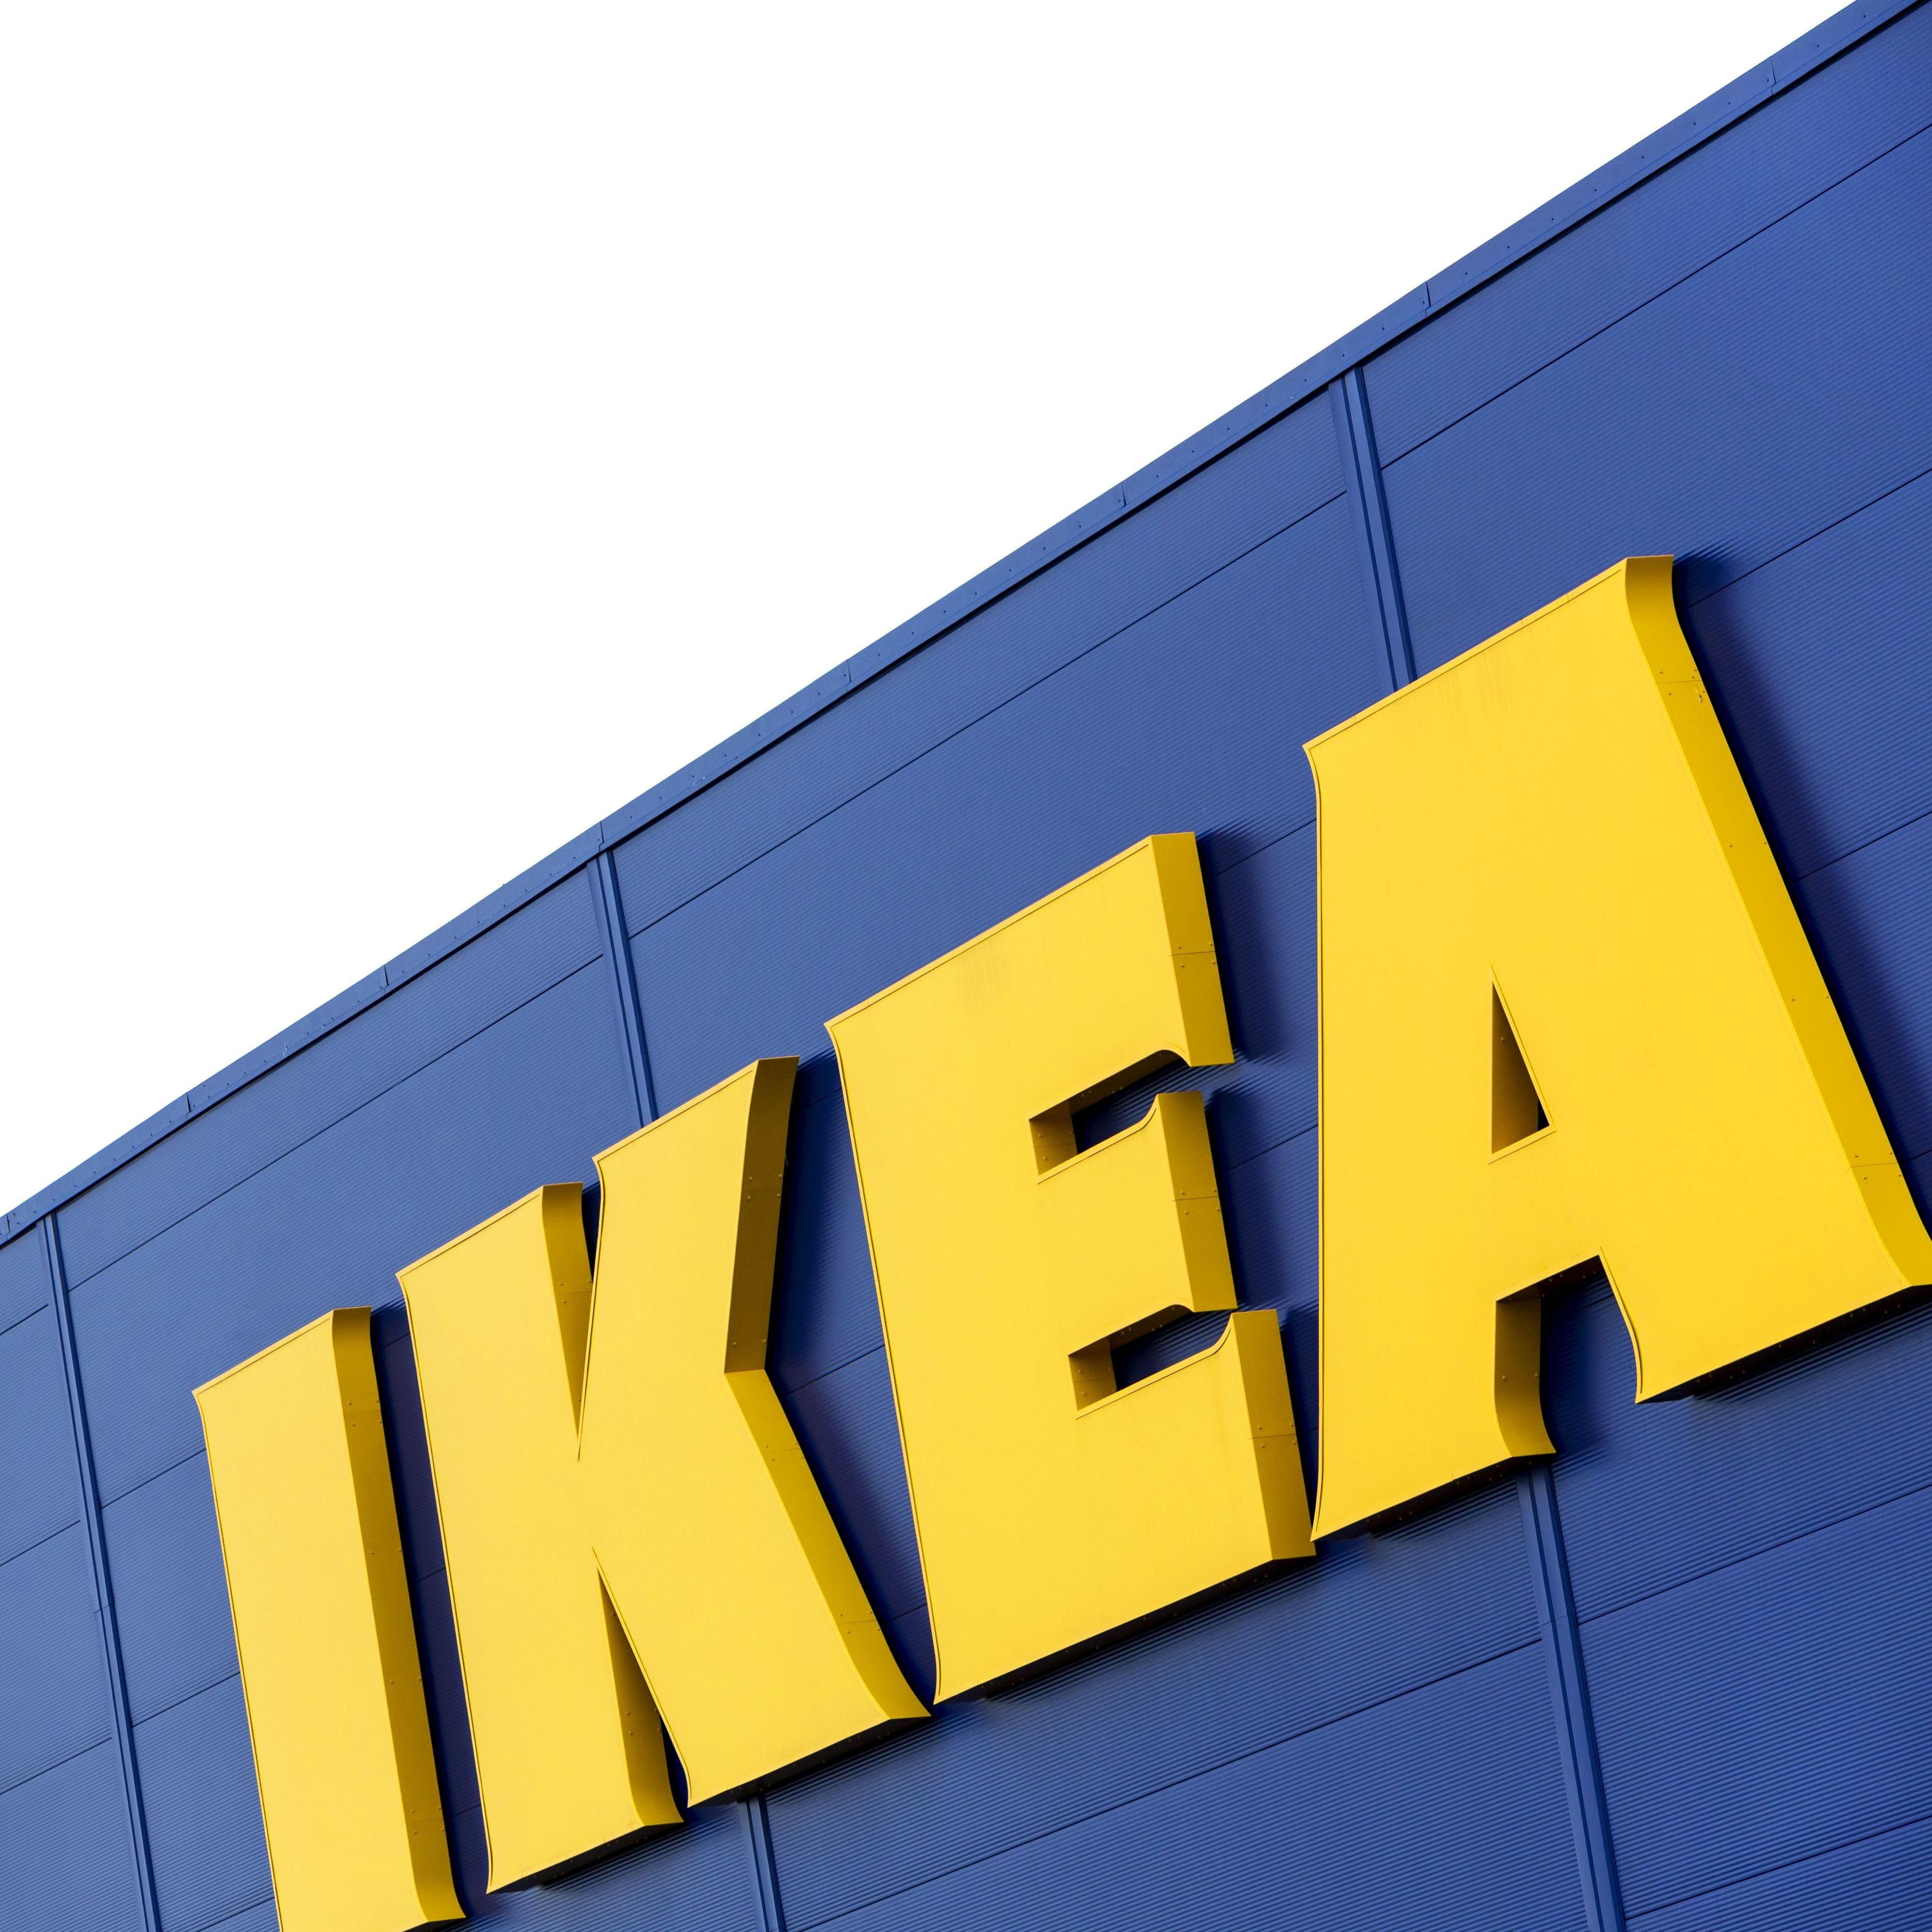 IKEA Umeå